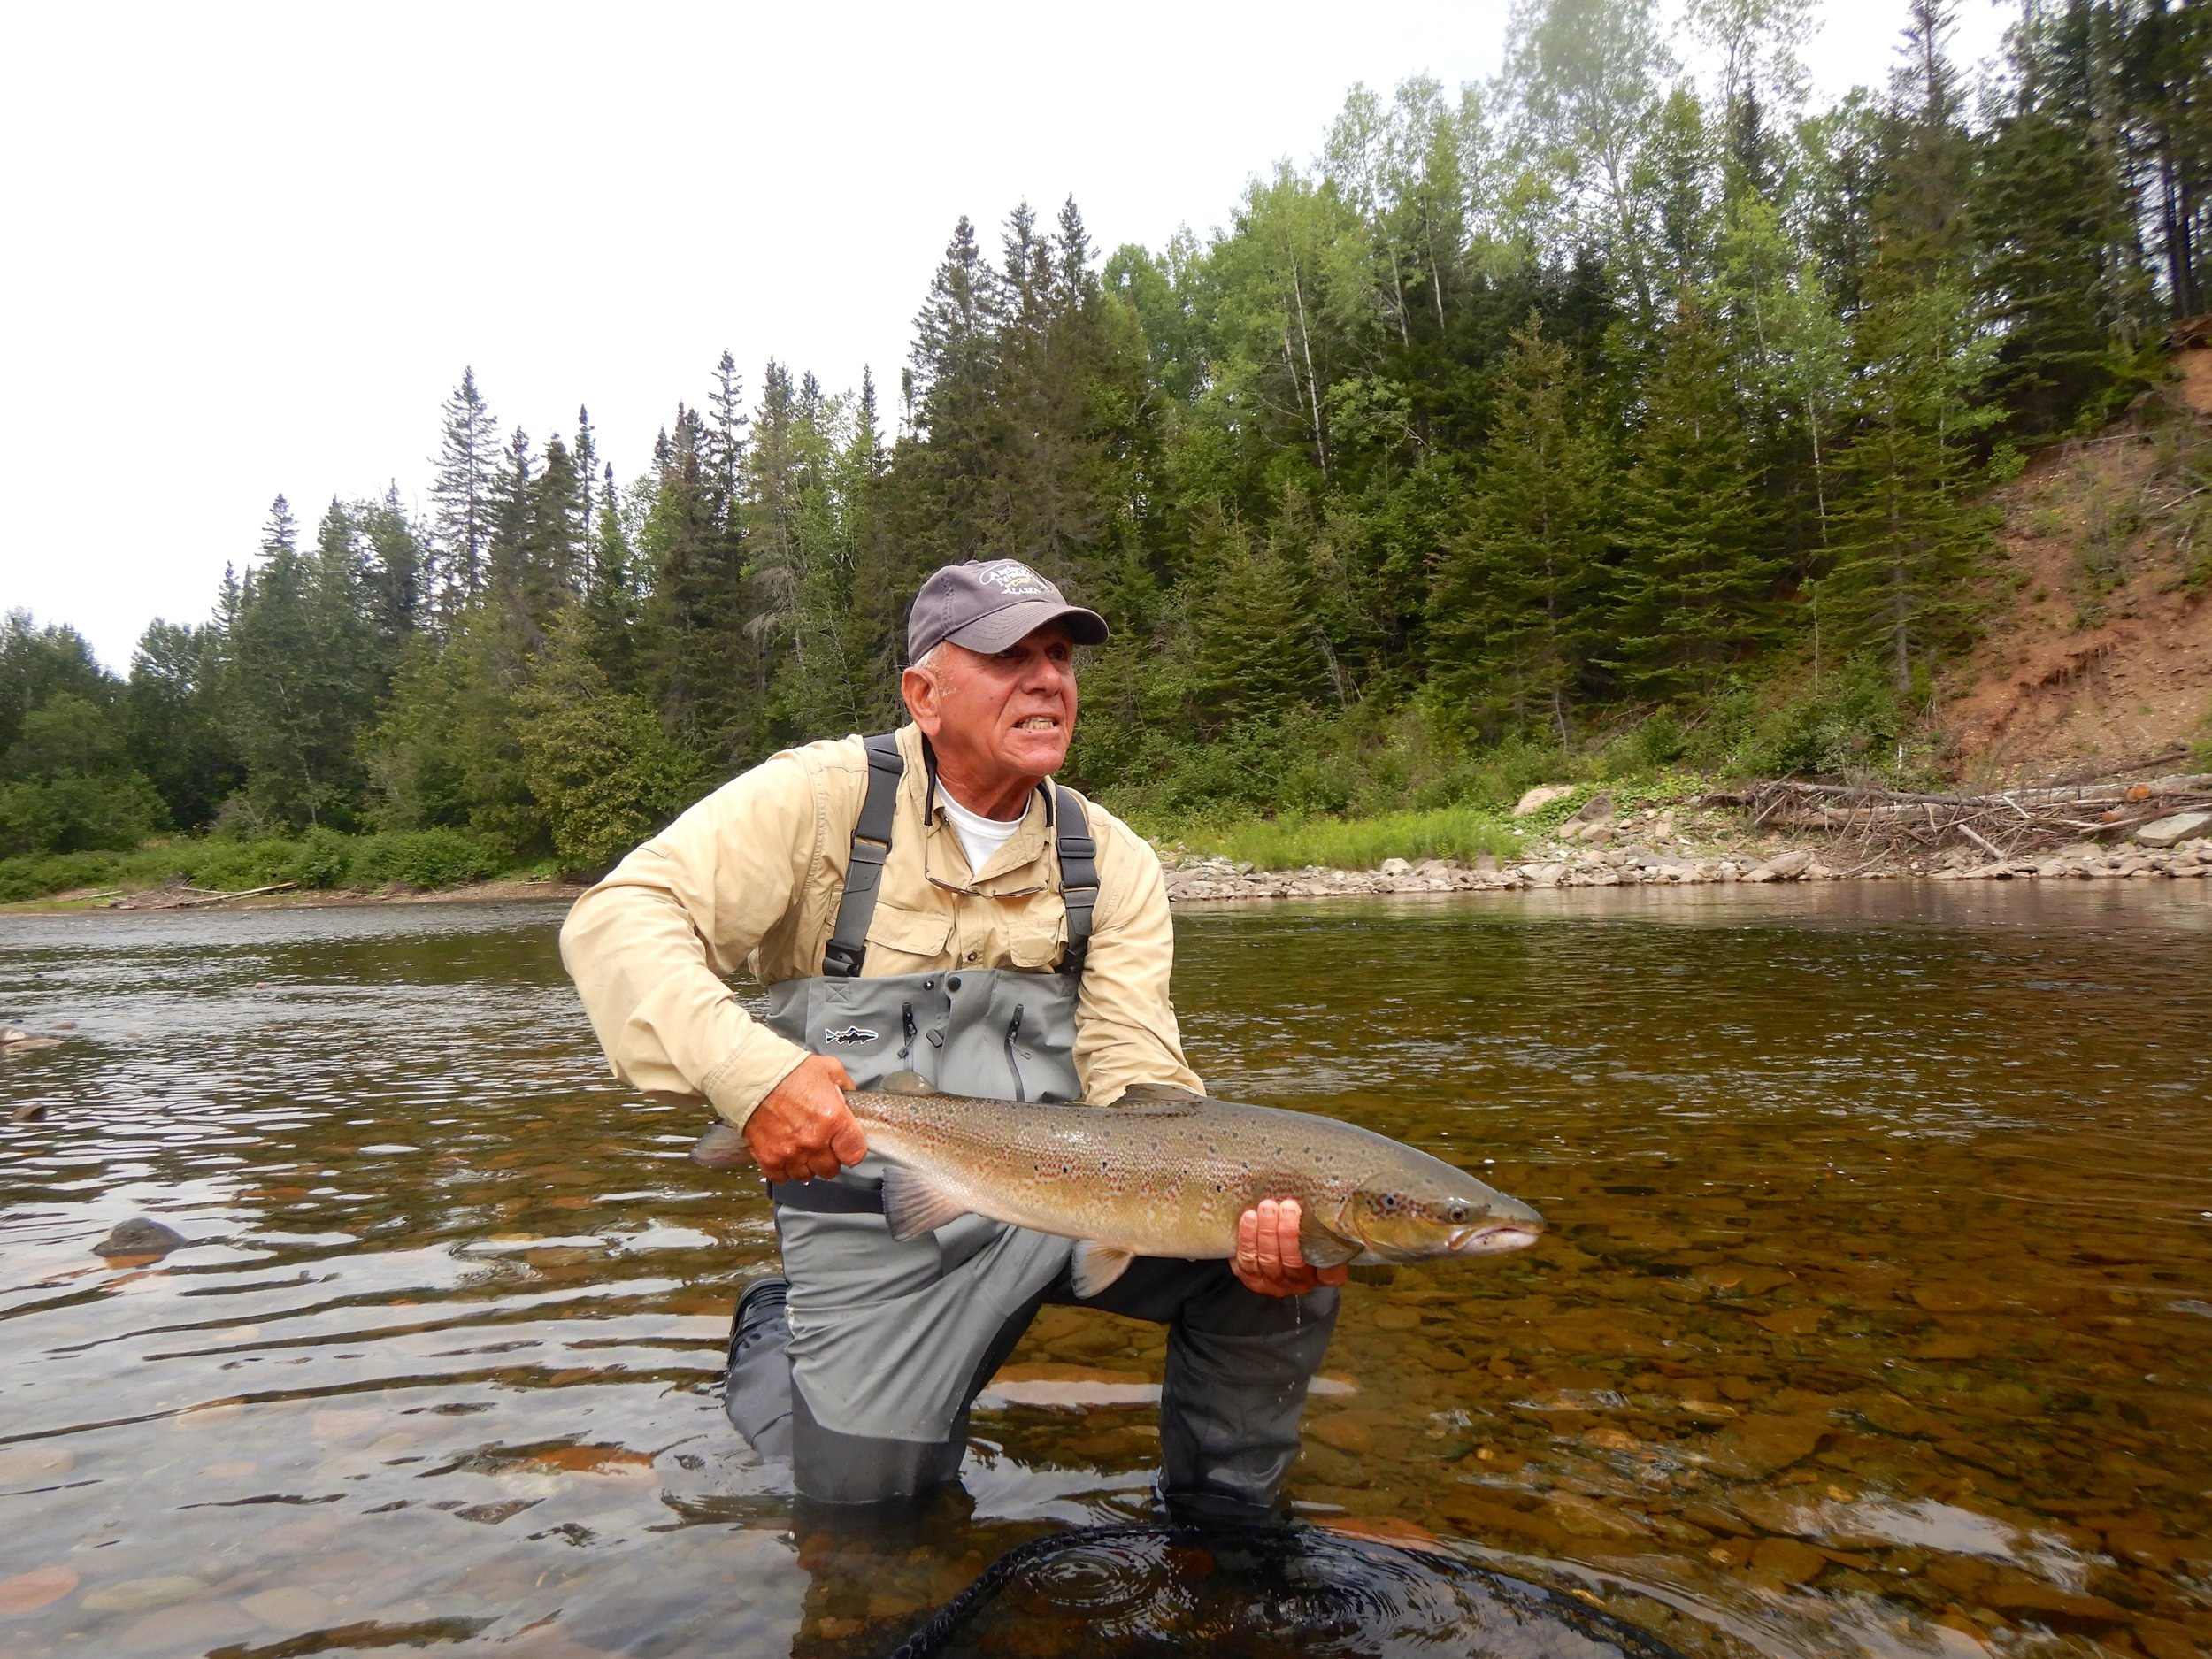 Barry Kutzen vient de capturer ce beau spécimen dans un bras de la rivière Cascapédia. Félicitations, Barry!